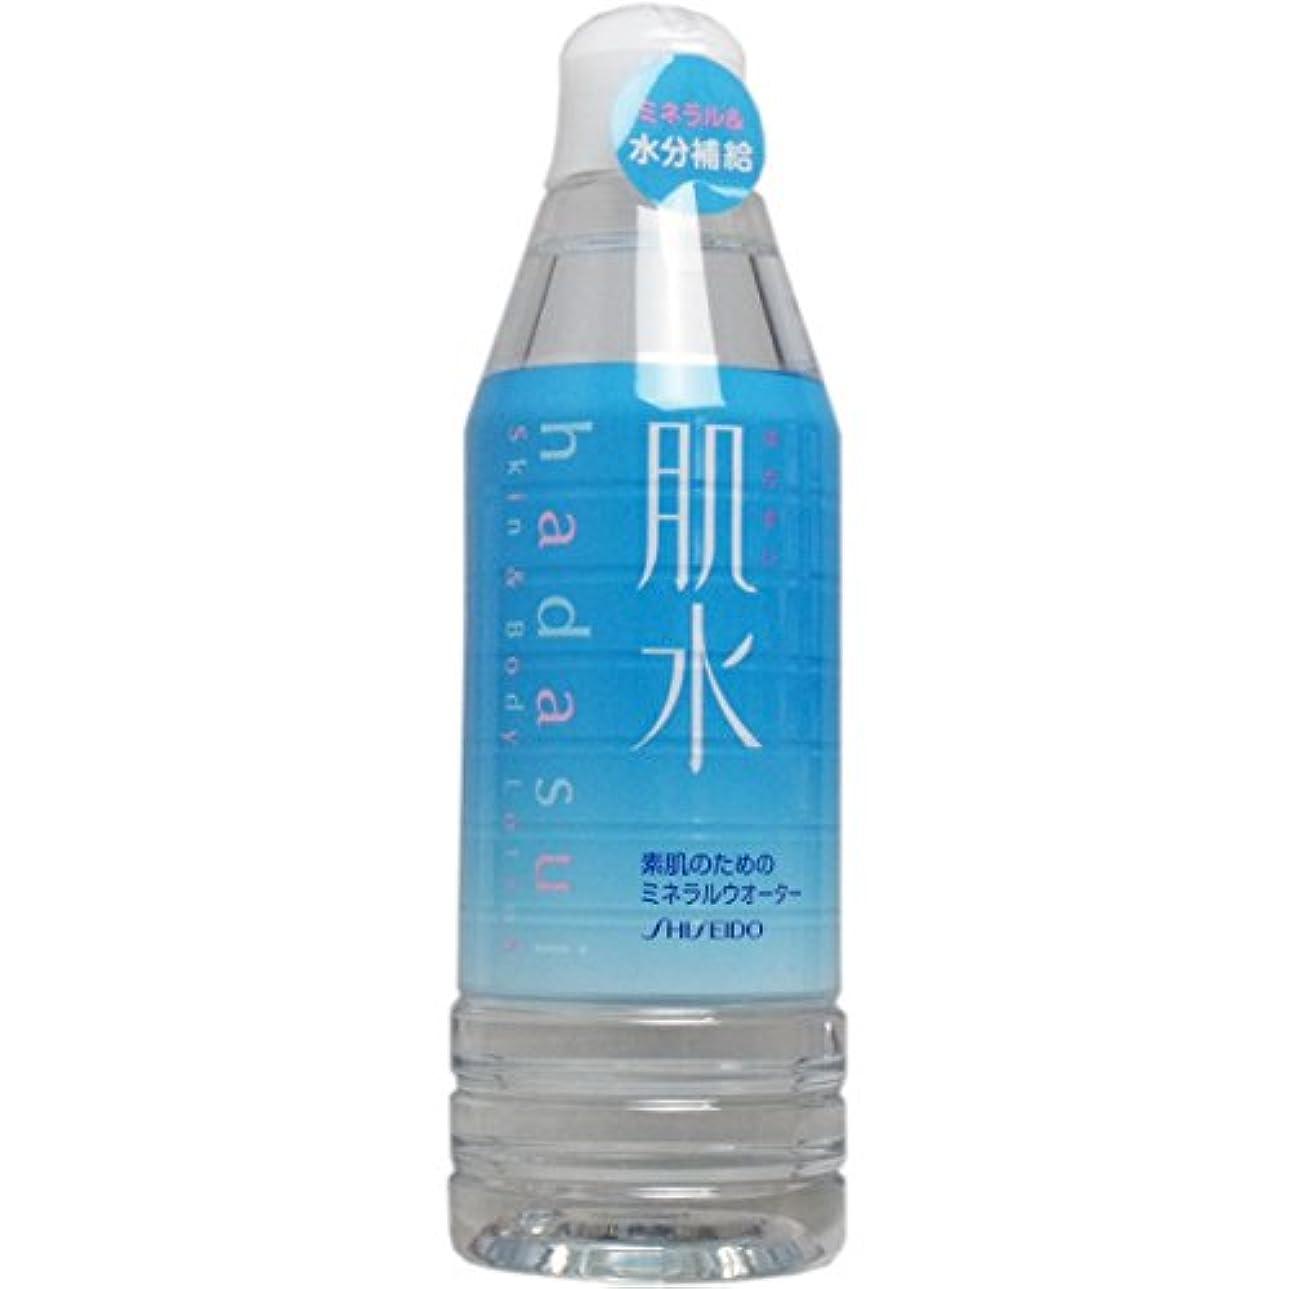 思い出させる悪魔日記【まとめ買い】肌水 400ml ボトルタイプ ×2セット